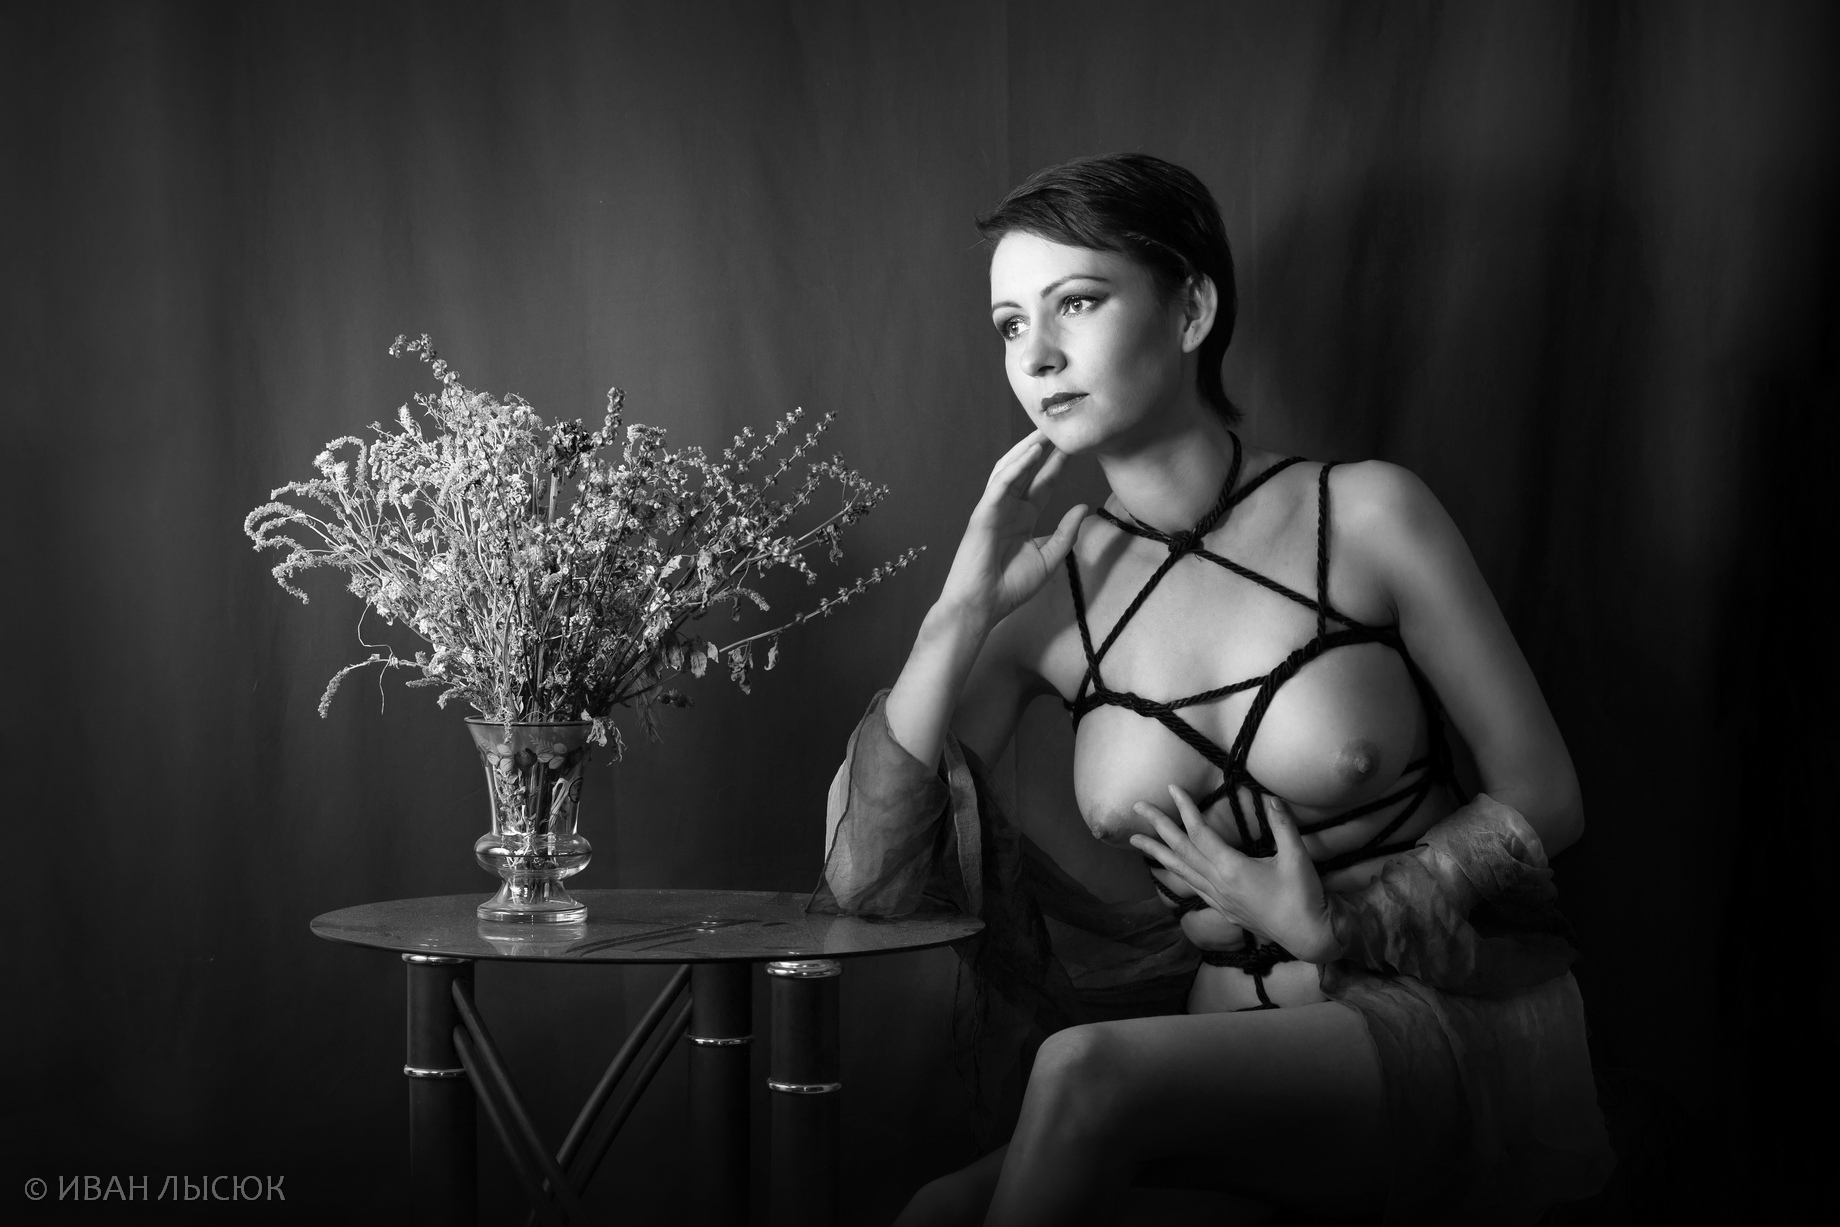 Профессиональная эротическая фотография, Художественная эротика erotic photo Favera 20 фотография